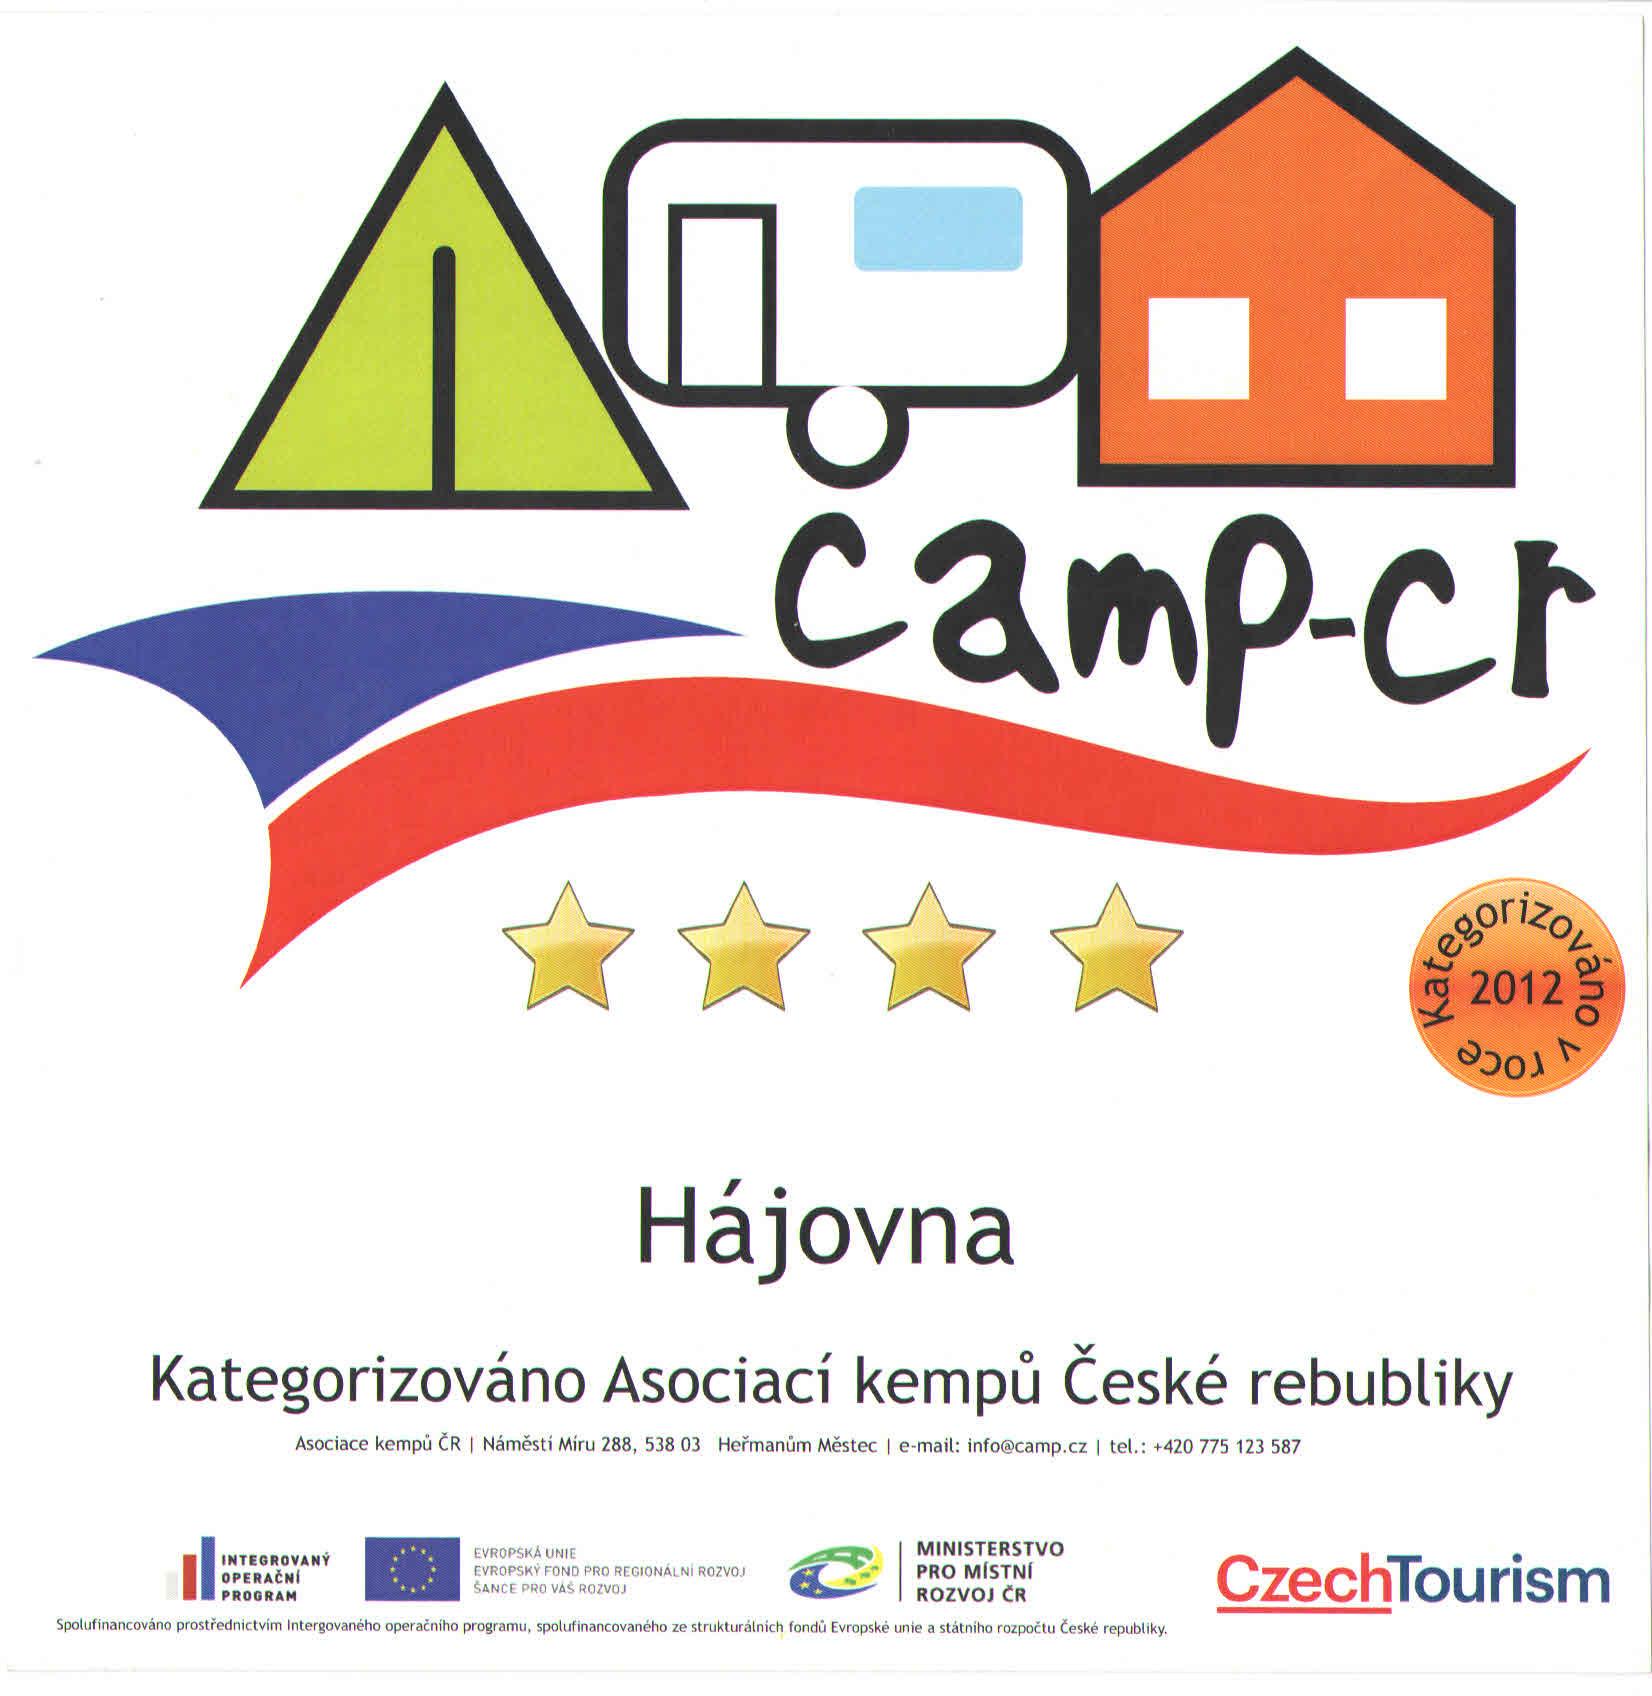 Caravan Site Hajovna Kdyne.